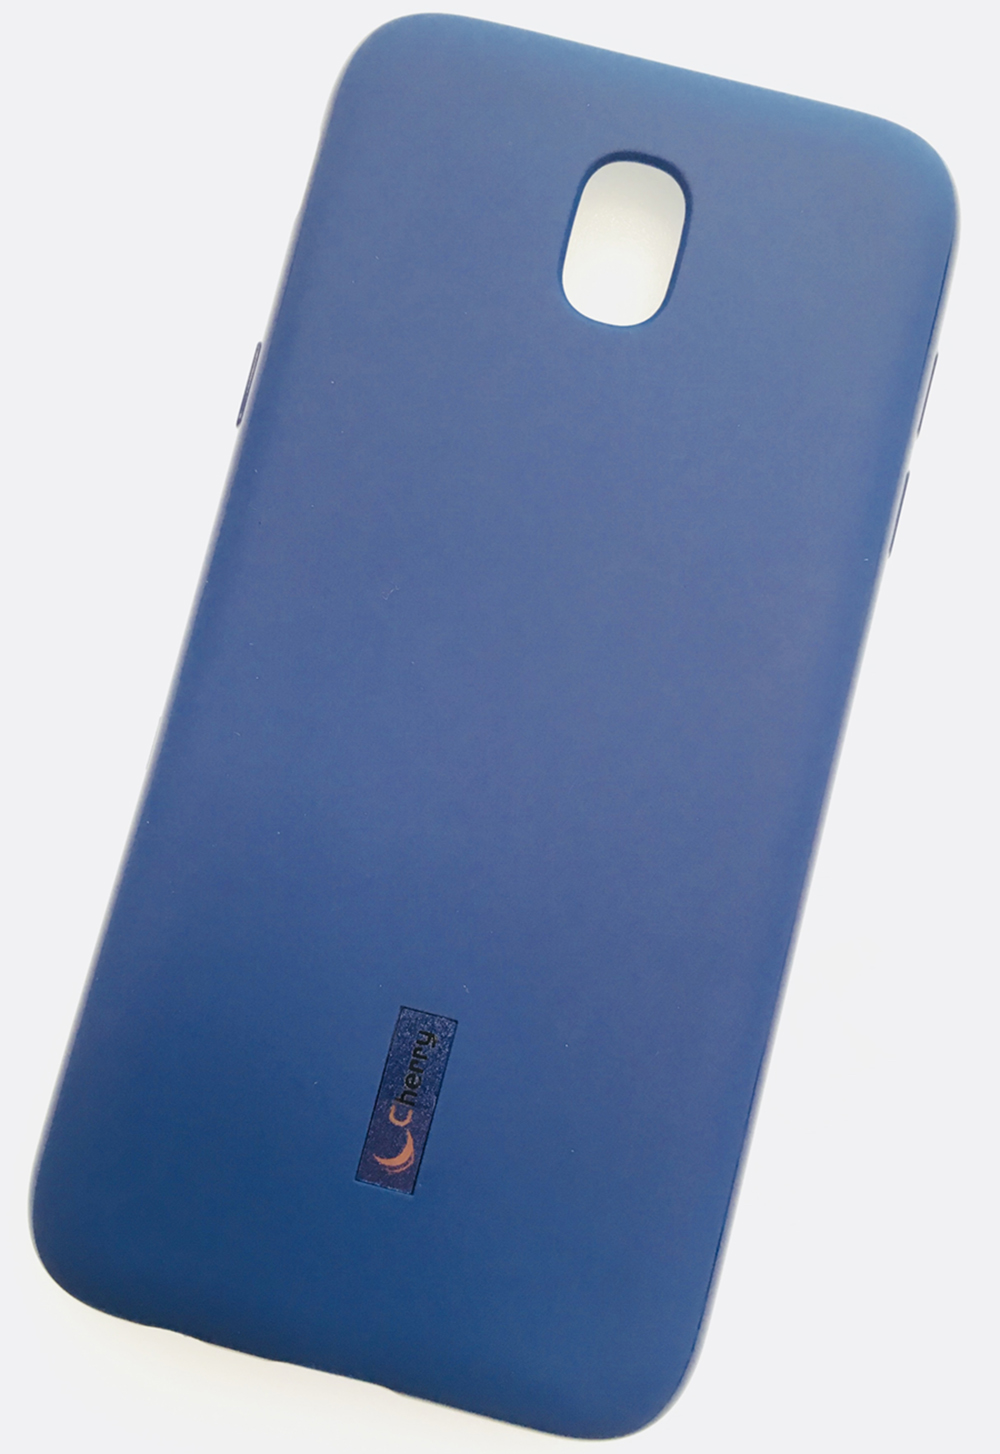 Чехол для сотового телефона Cherry Samsung J5 2017 Накладка резиновая с пленкой на экран, синий